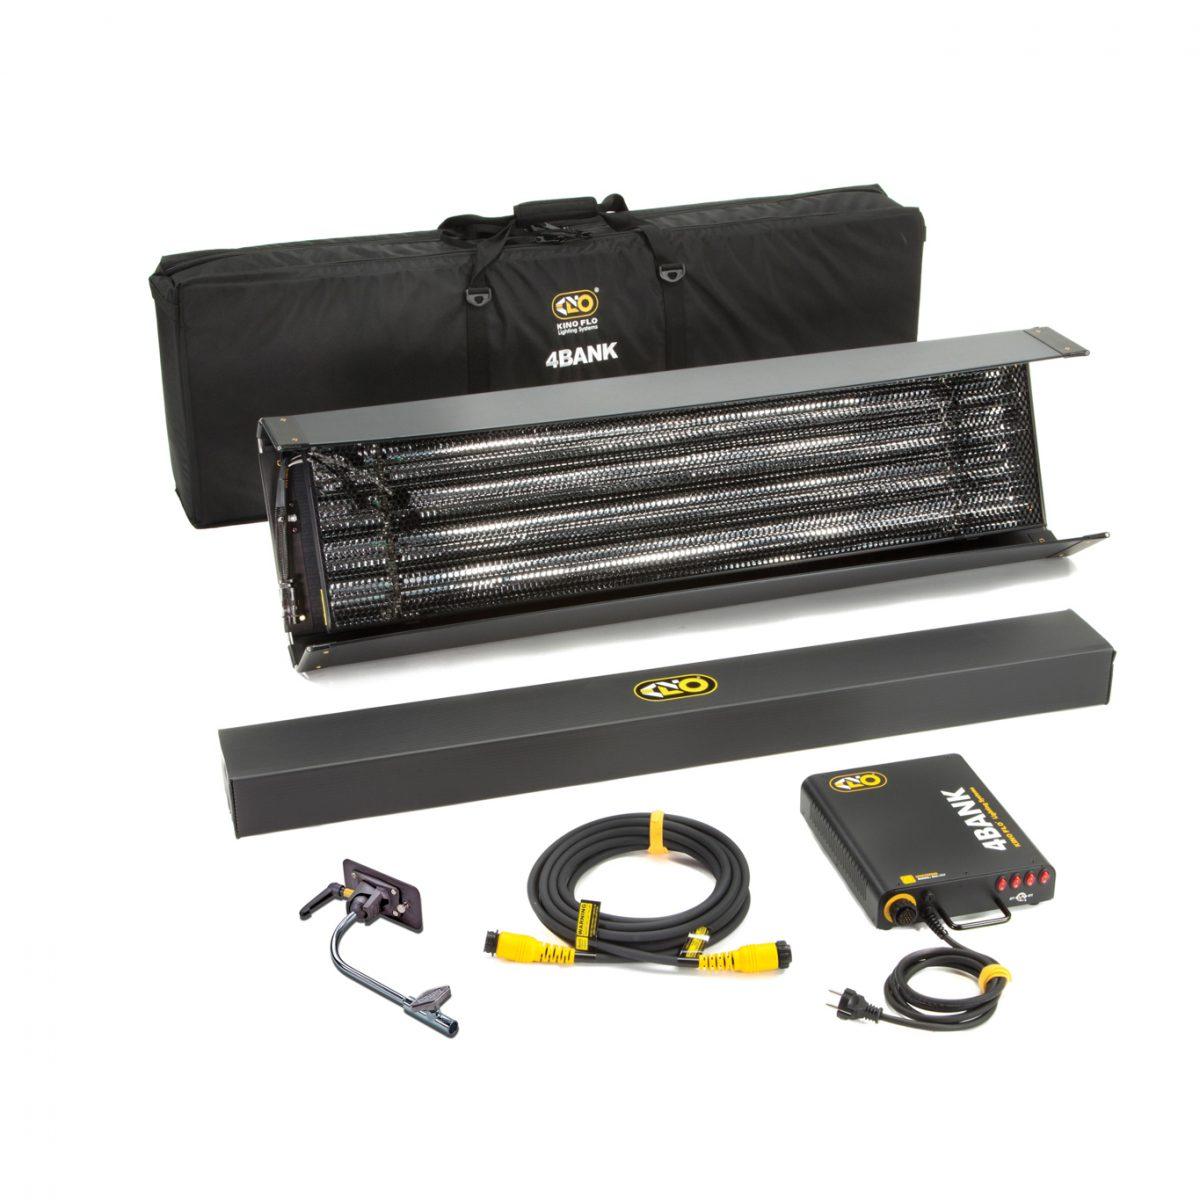 Kino Flo 4ft 4Bank Kit (HP), 1-Unit 230U